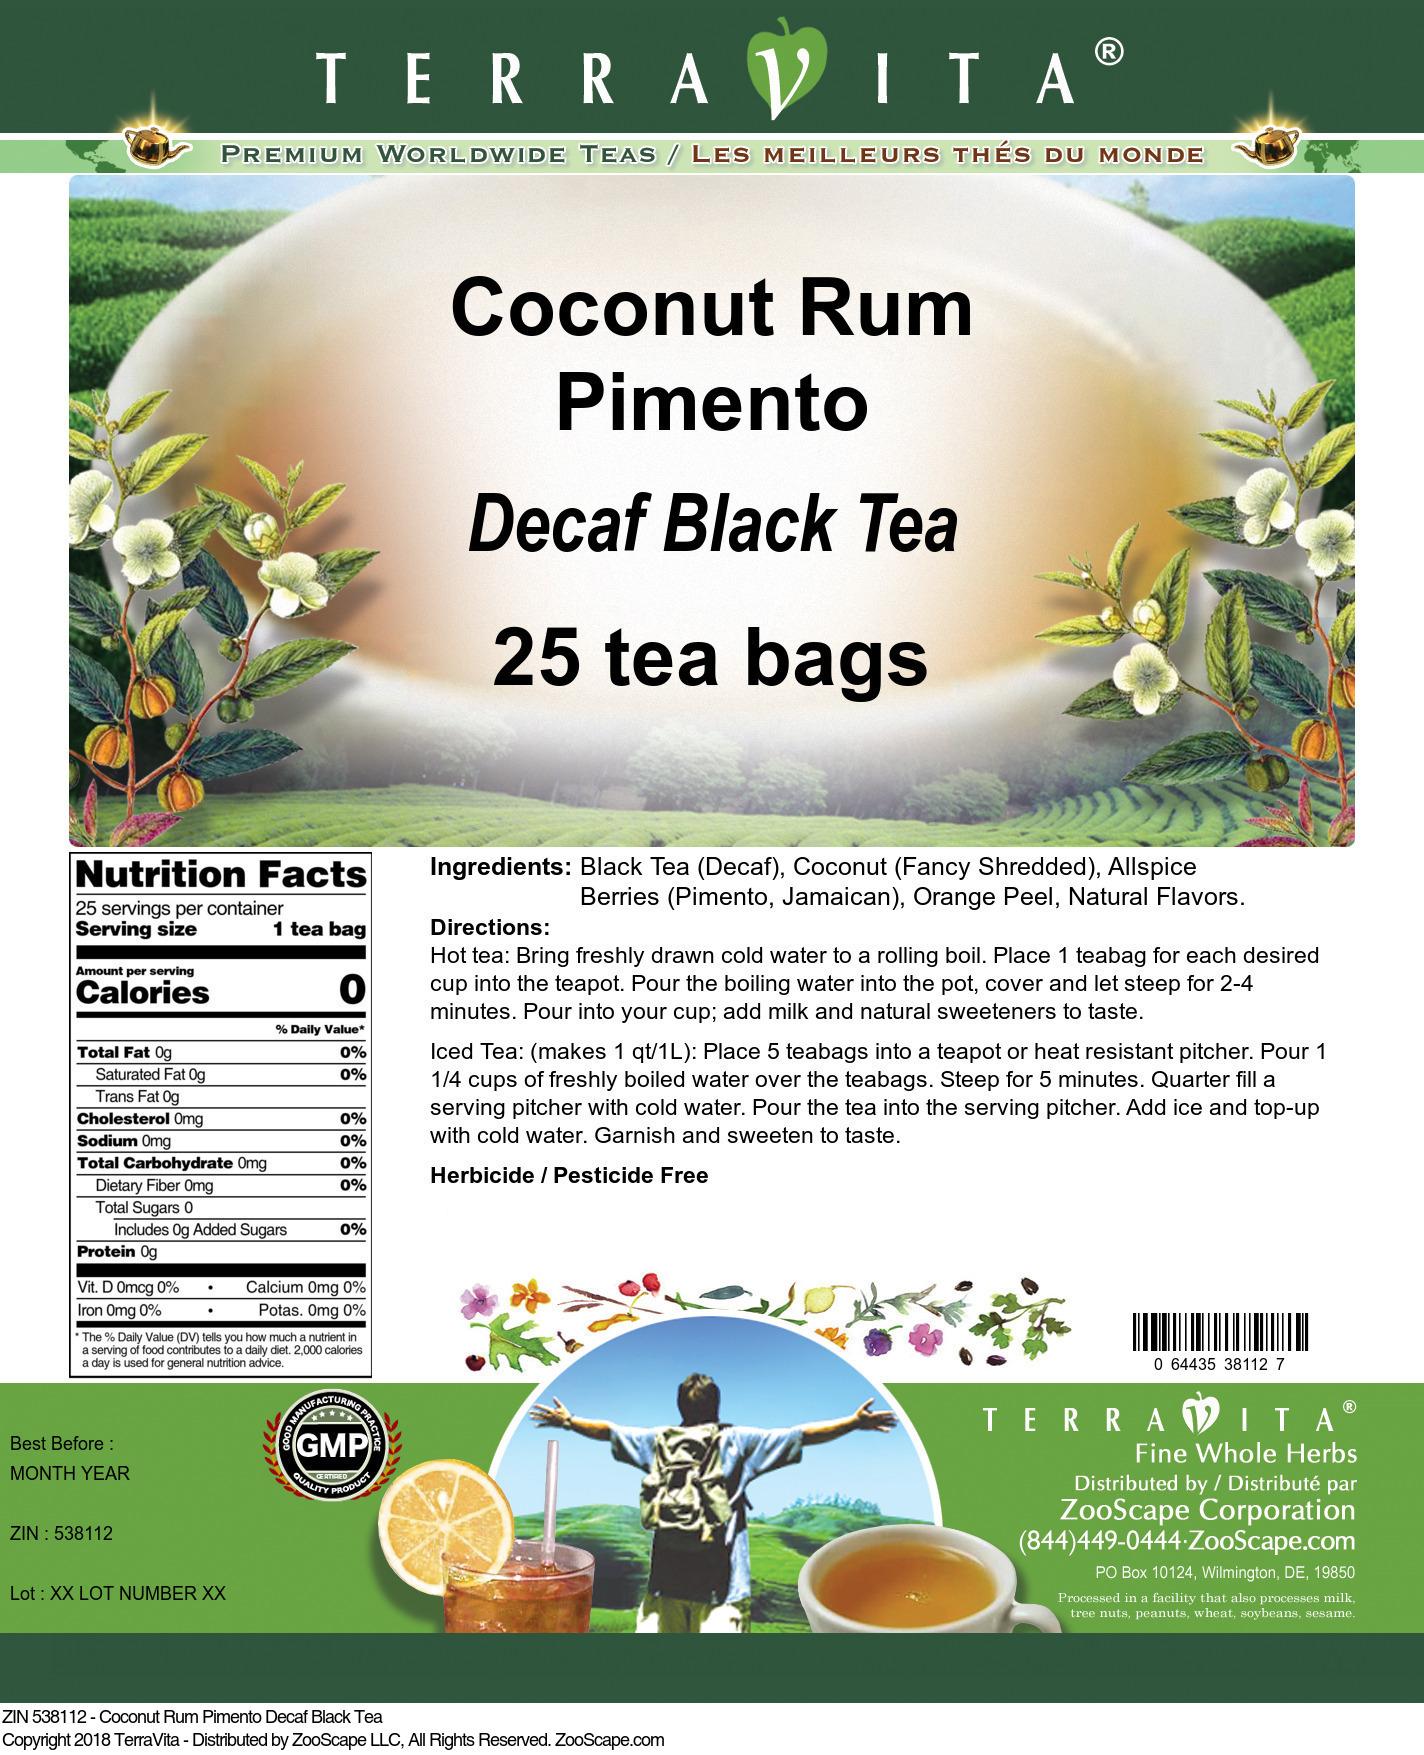 Coconut Rum Pimento Decaf Black Tea